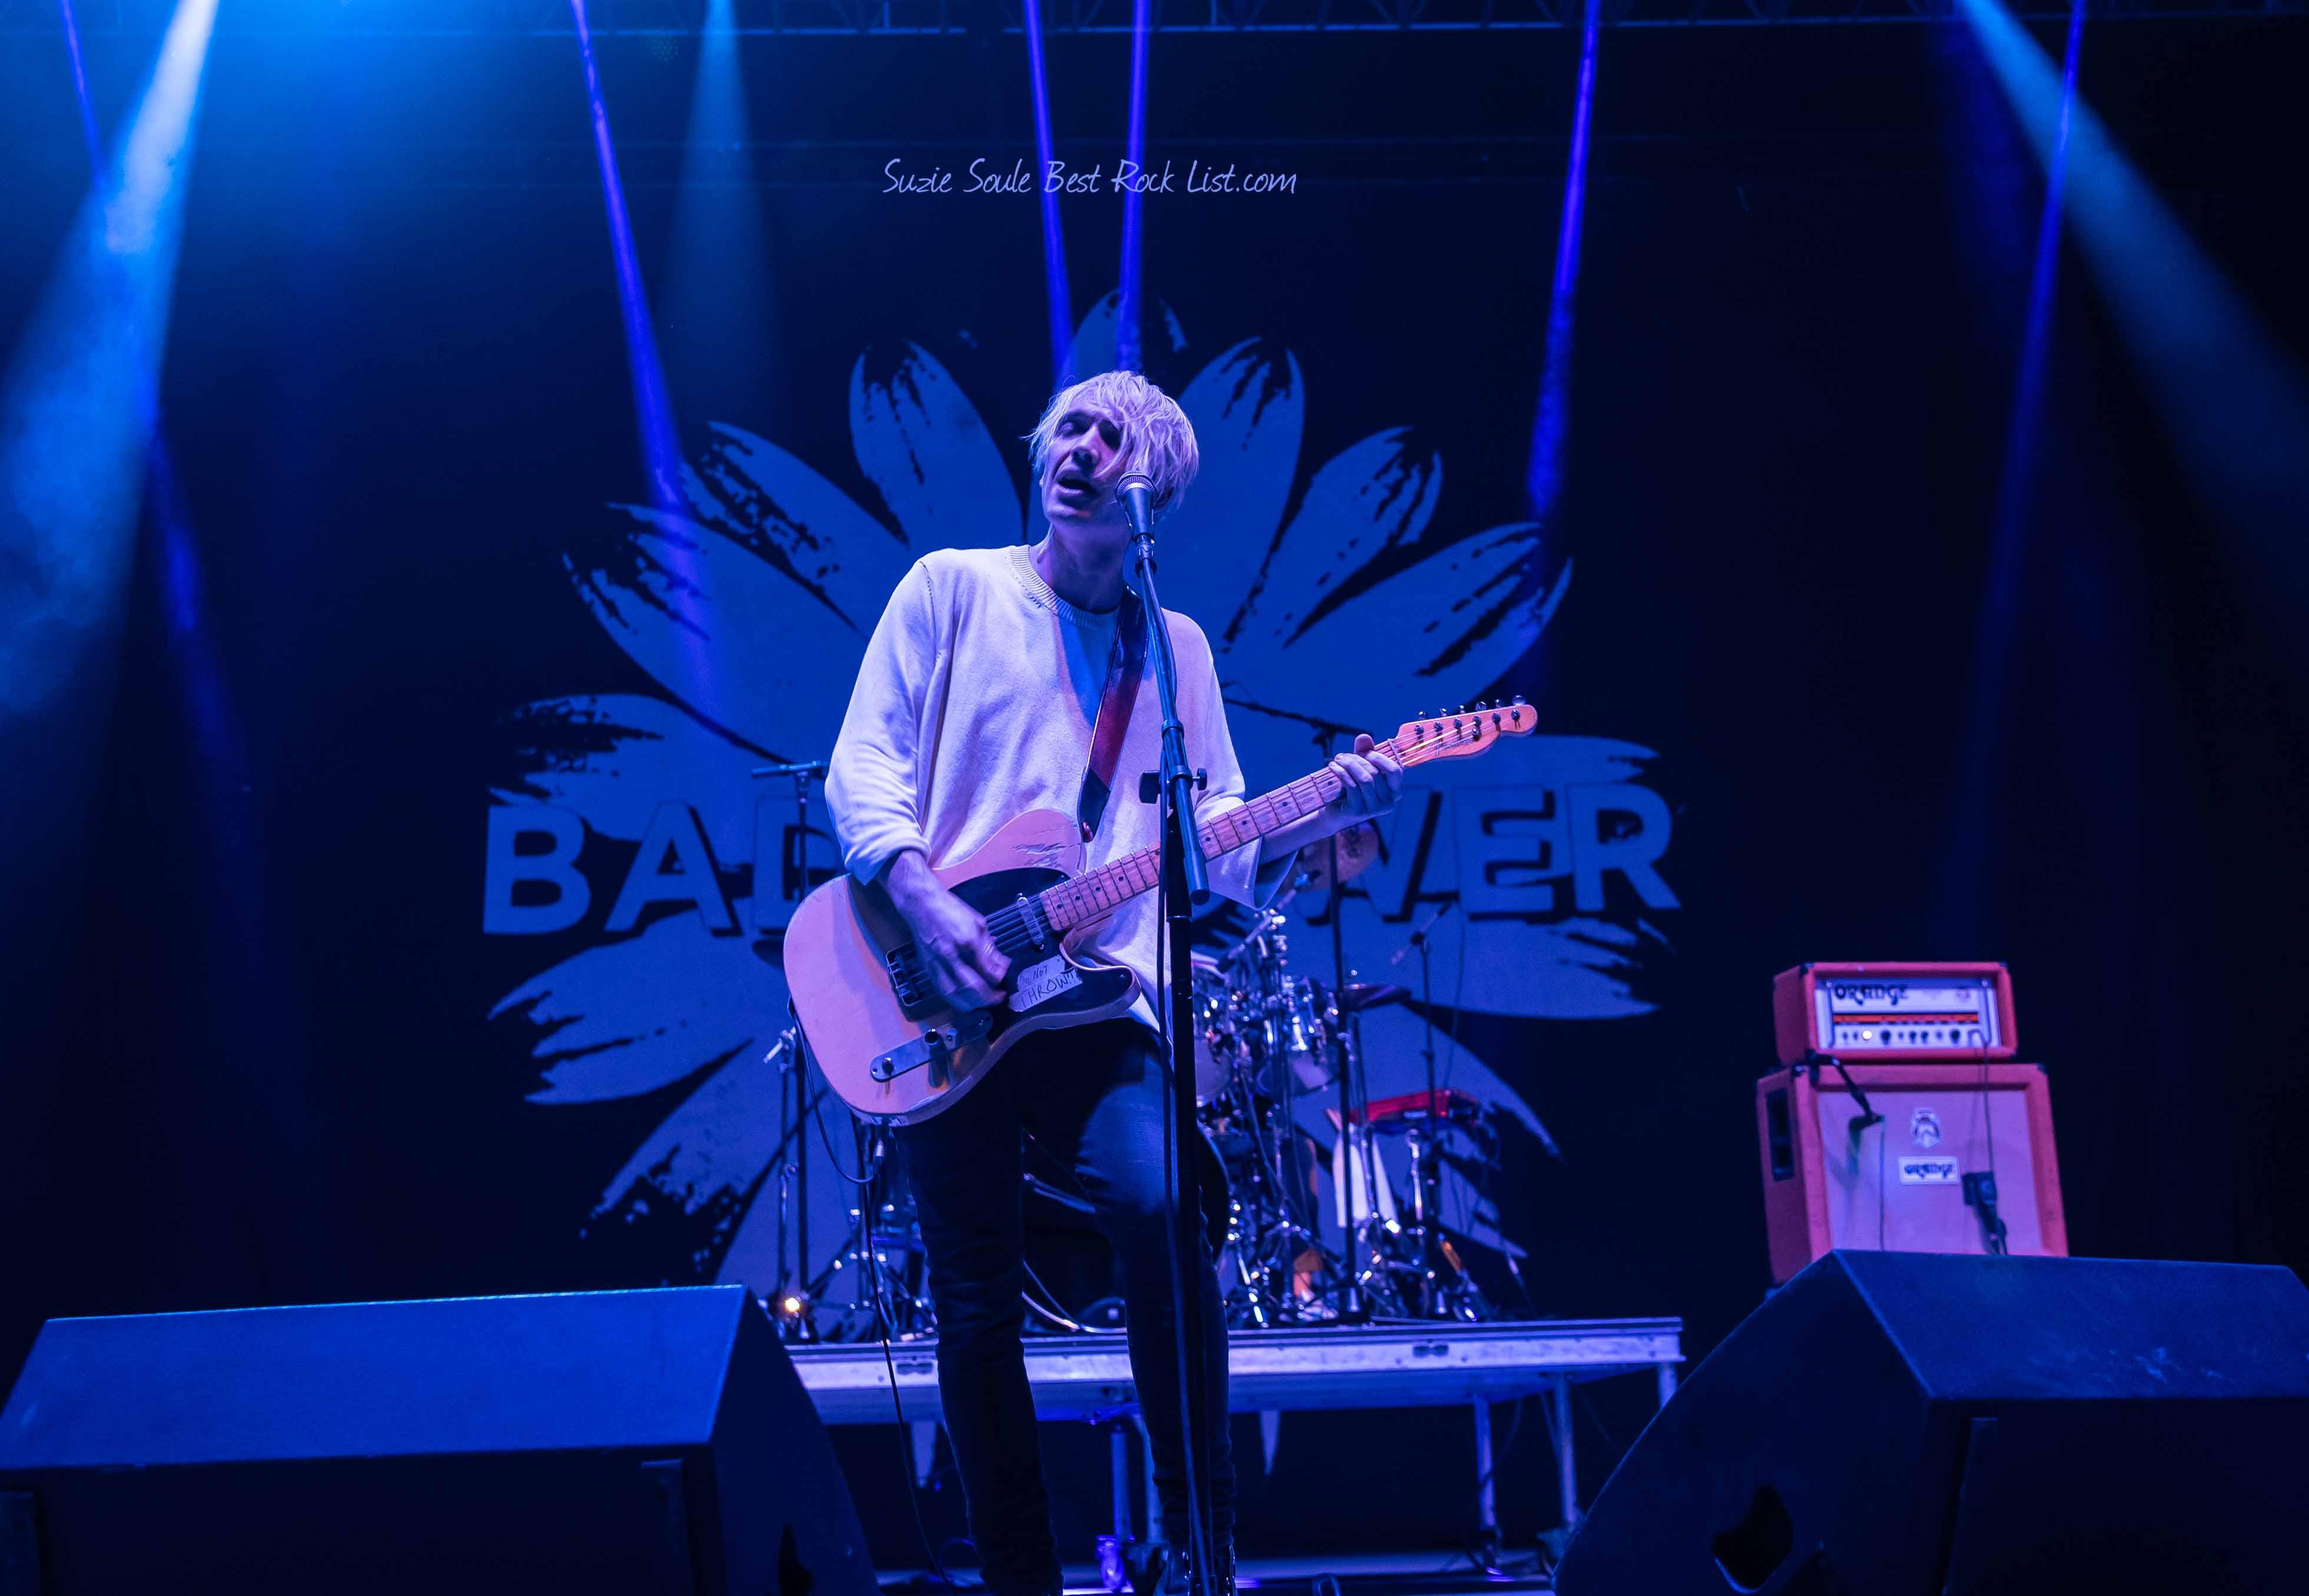 Josh Katz of Badflower